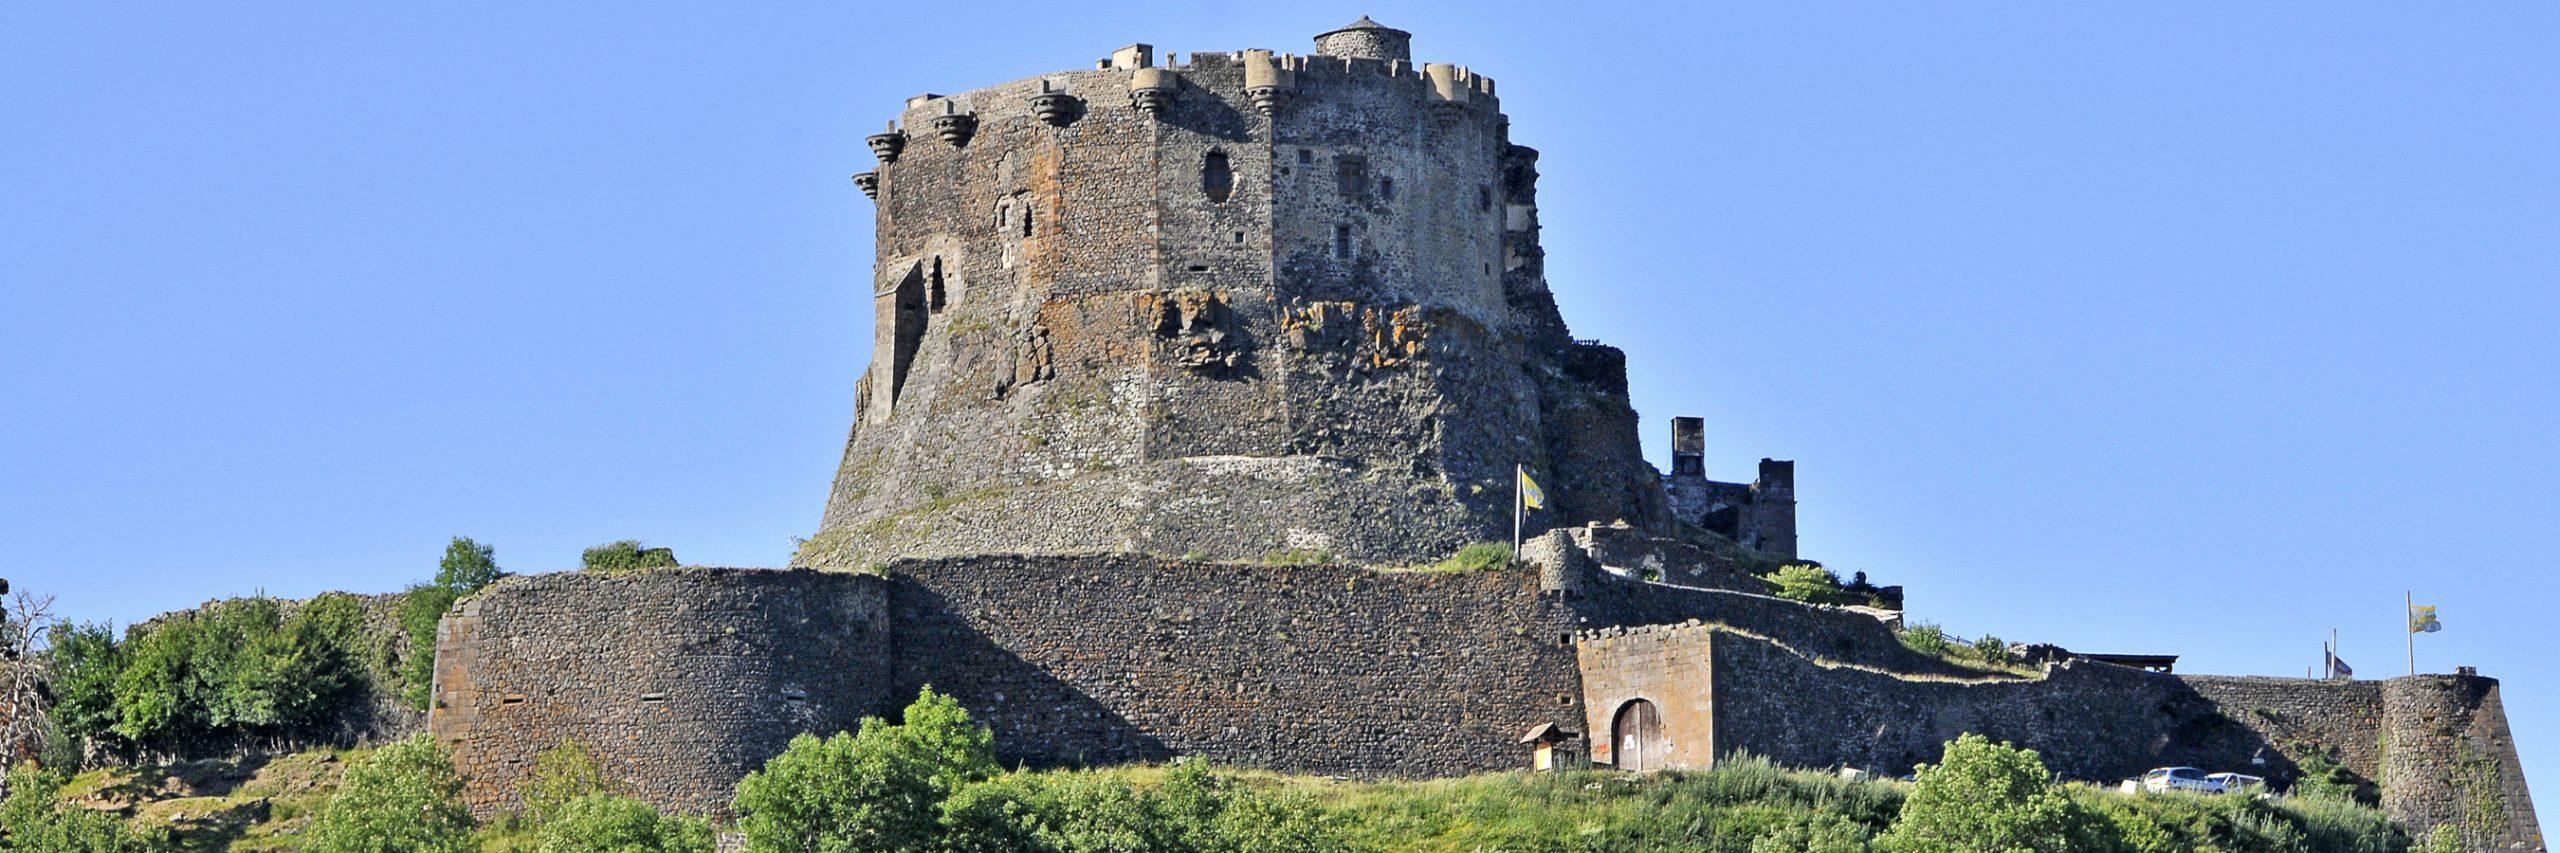 Le Château De Murol En Auvergne, Le Château De Murol Dans dedans Moyen Age Chateau